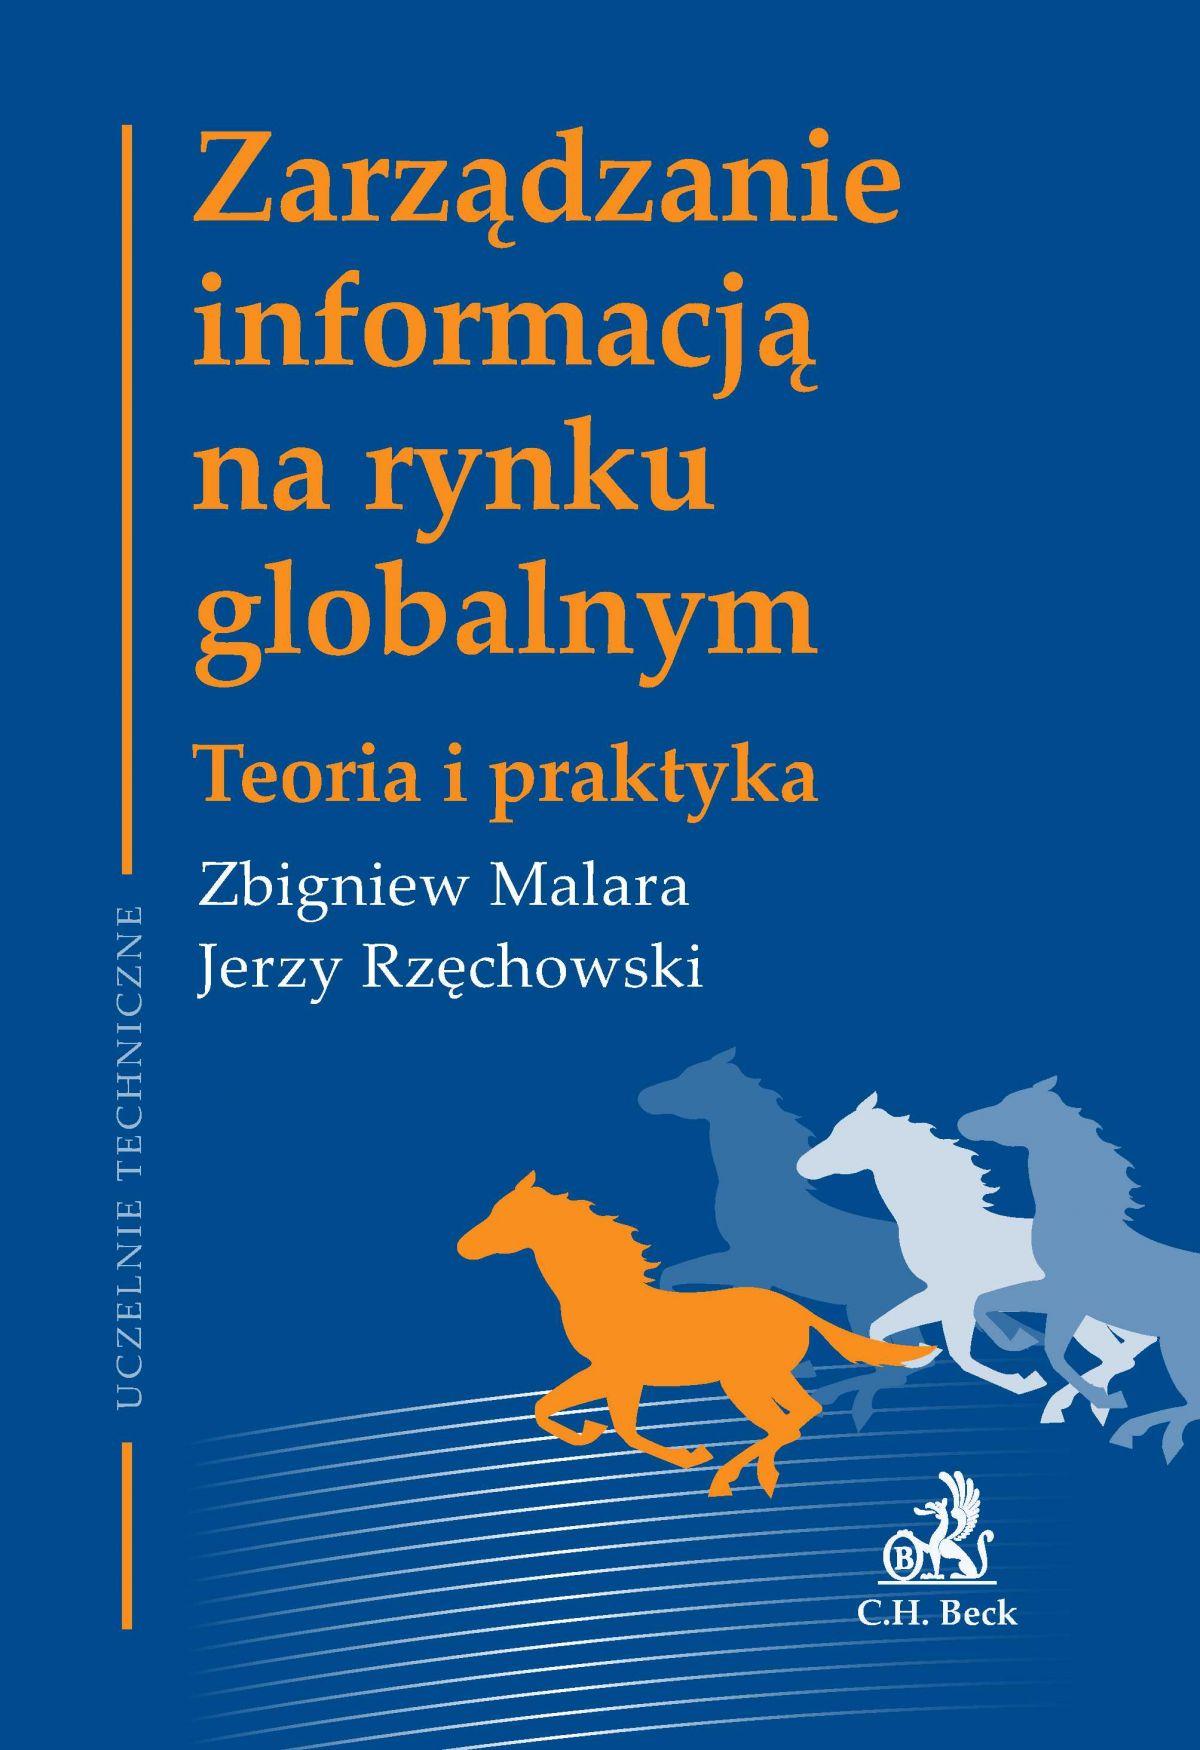 Zarządzanie informacją na rynku globalnym Teoria i praktyka - Ebook (Książka PDF) do pobrania w formacie PDF